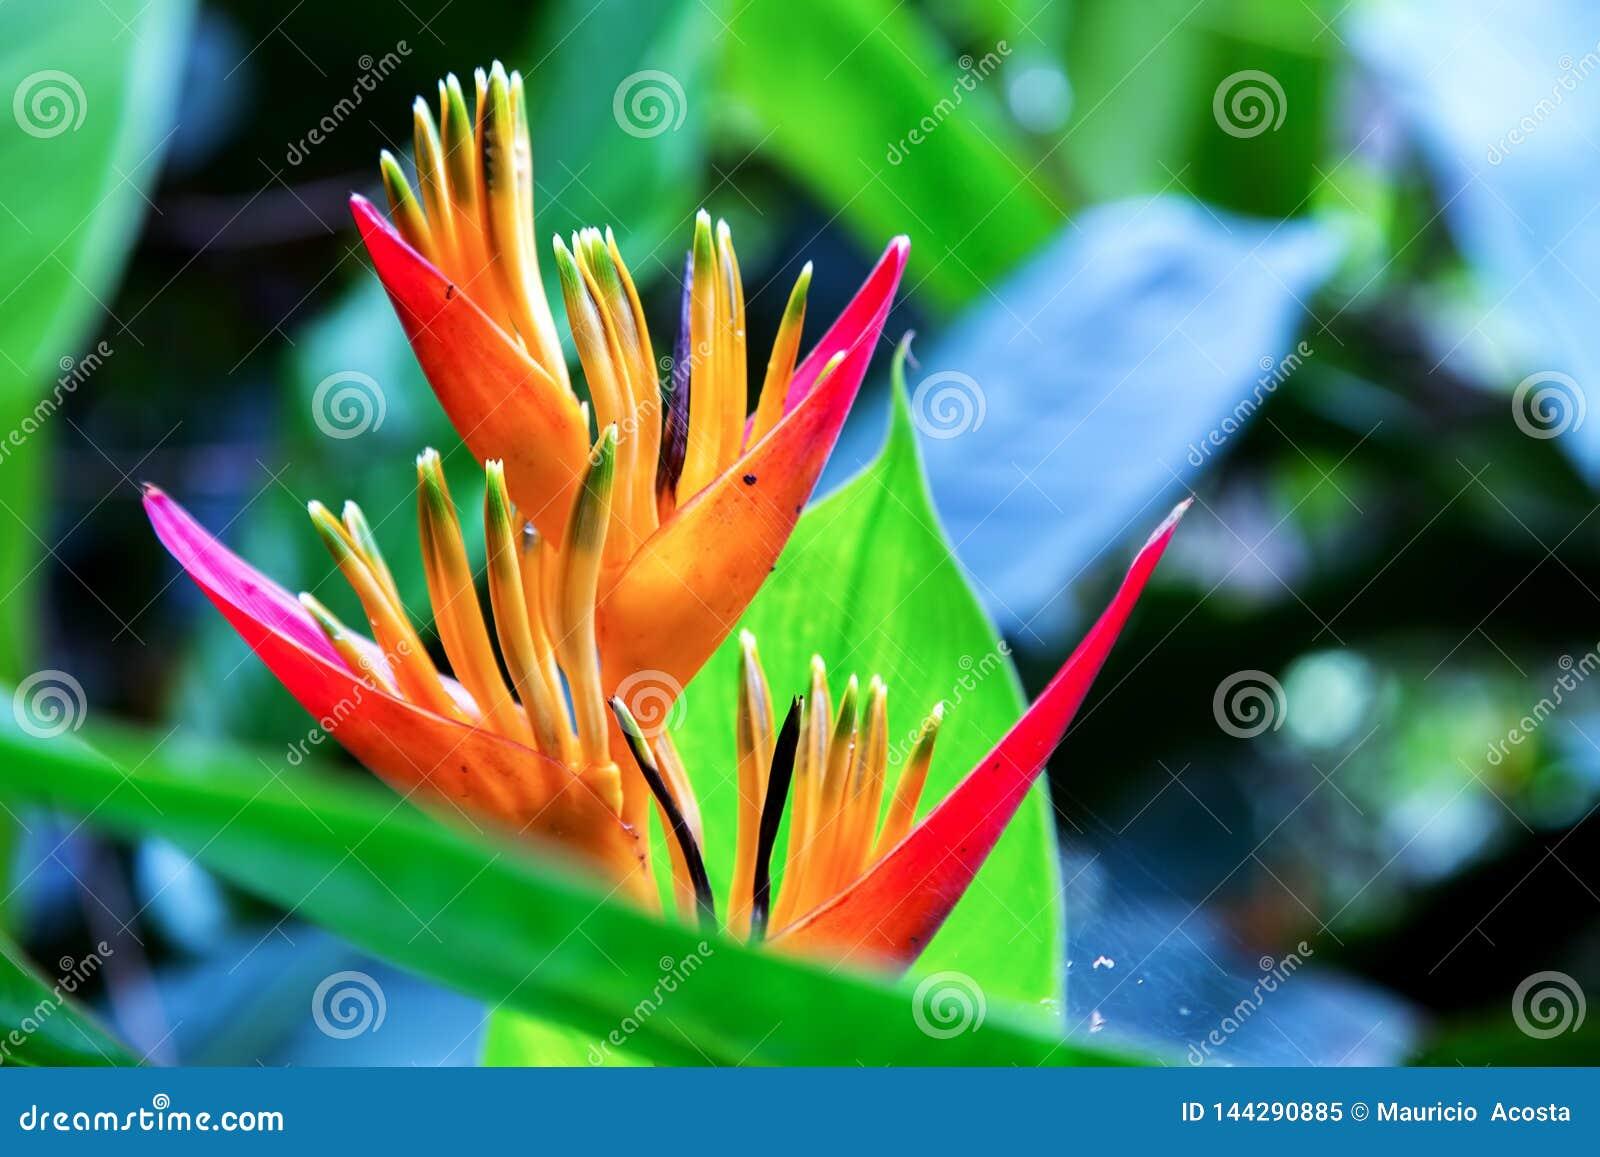 Detalle de una flor ex?tica del heliconia